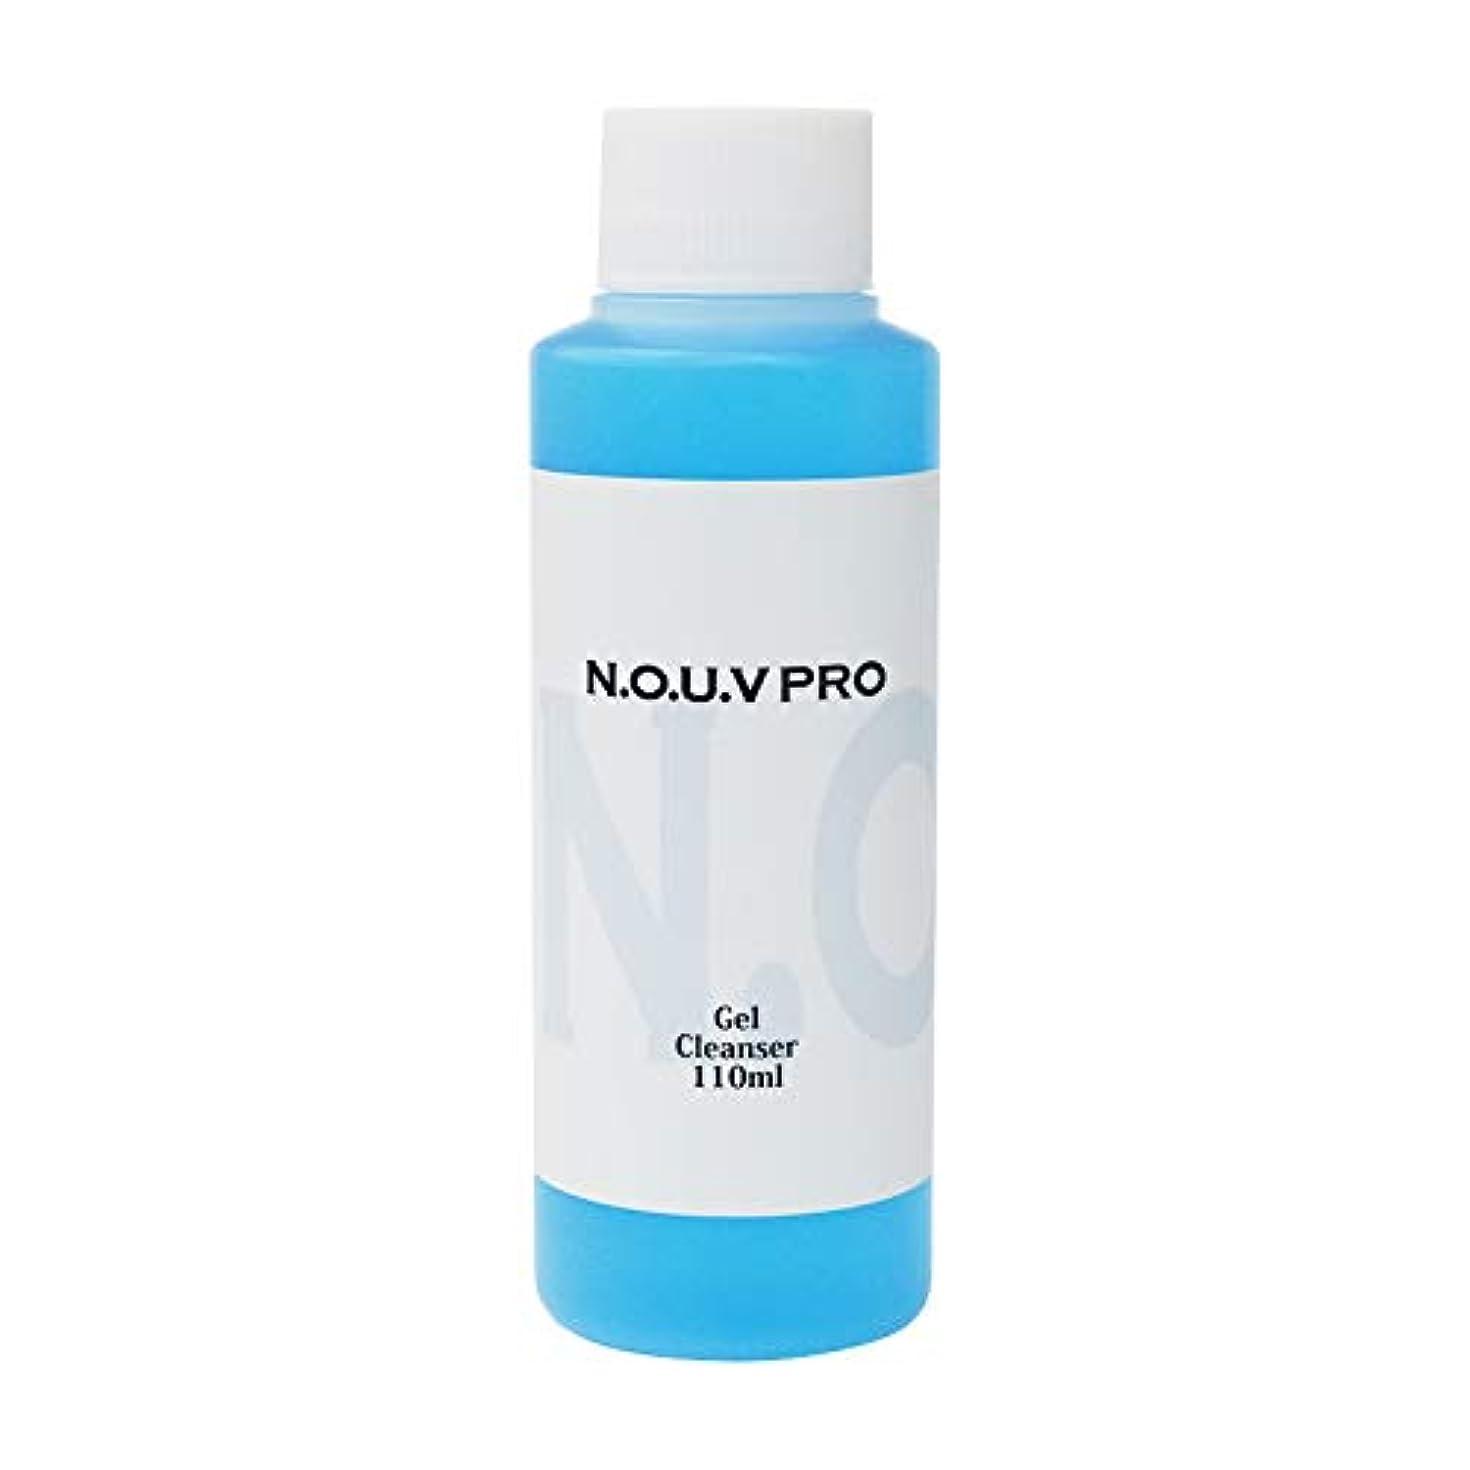 ヒステリック信念長いですNOUV PRO(ノーヴプロ) ジェルクレンザー 110ml 無香料